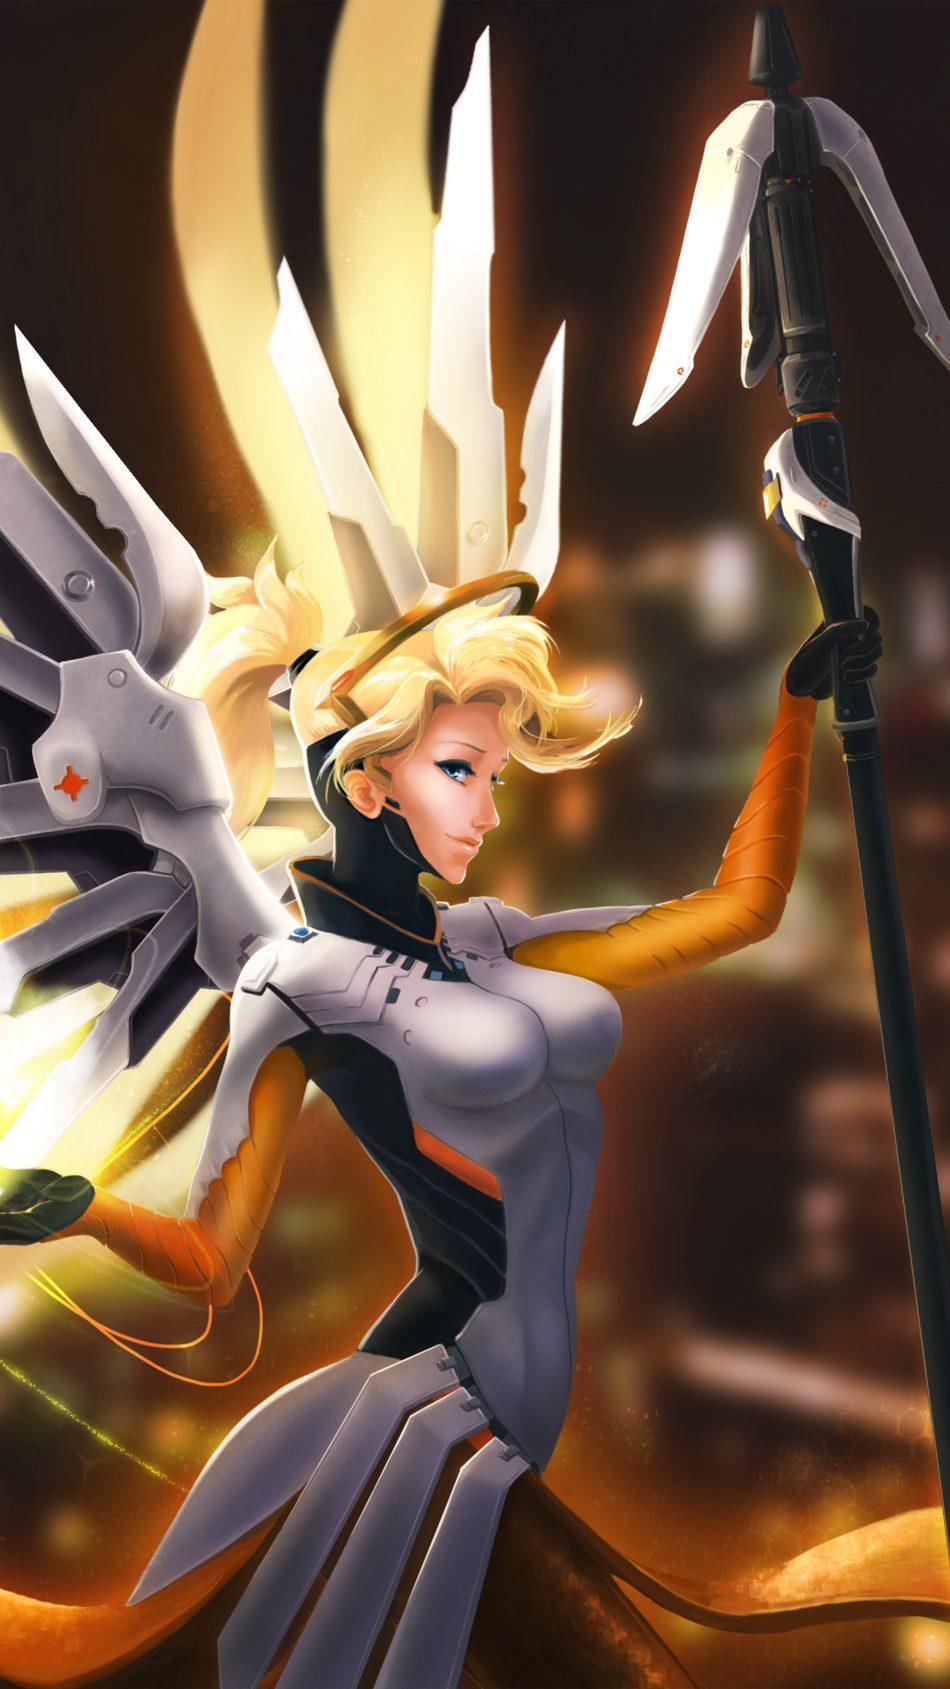 Mercy Overwatch Fan Artwork Free 4K Ultra HD Mobile Wallpaper